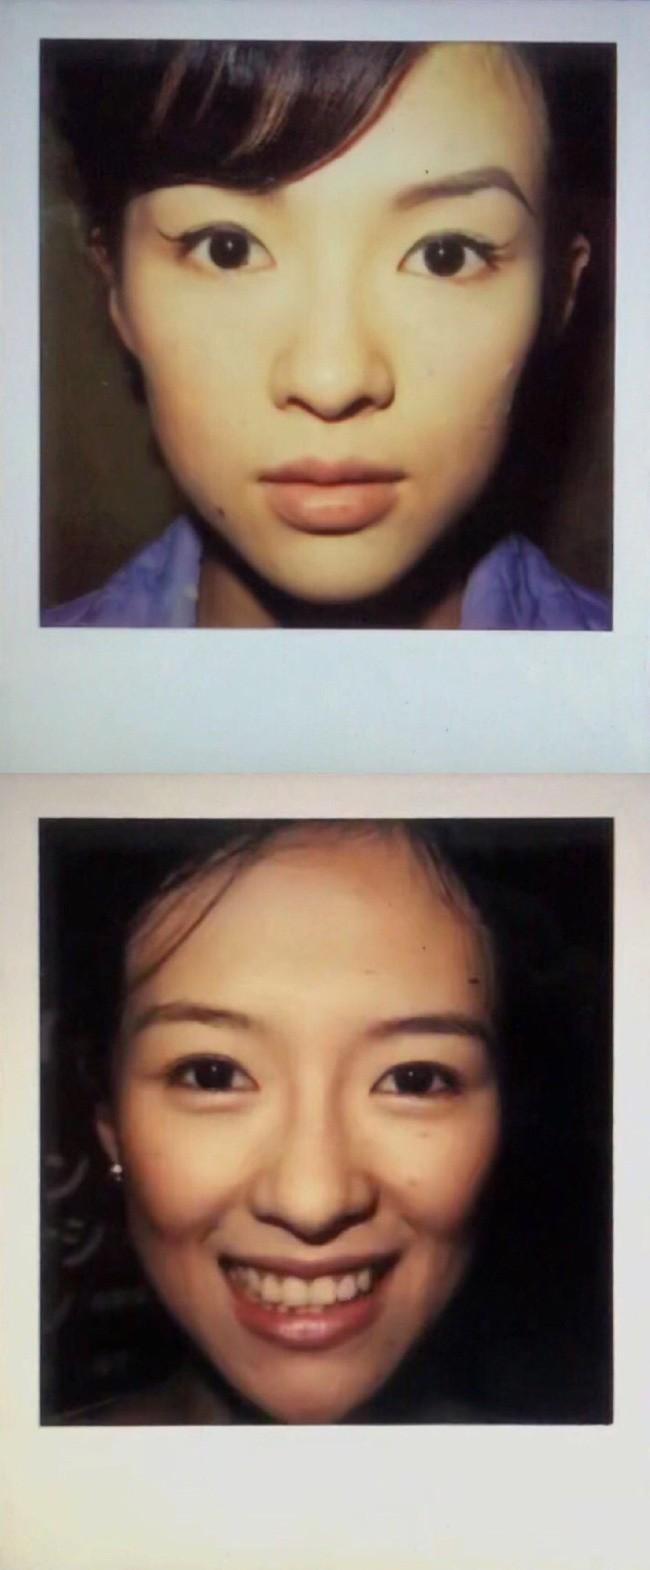 Xôn xao với những bức hình chưa từng được công bố của minh tinh Hoa ngữ - Ảnh 4.